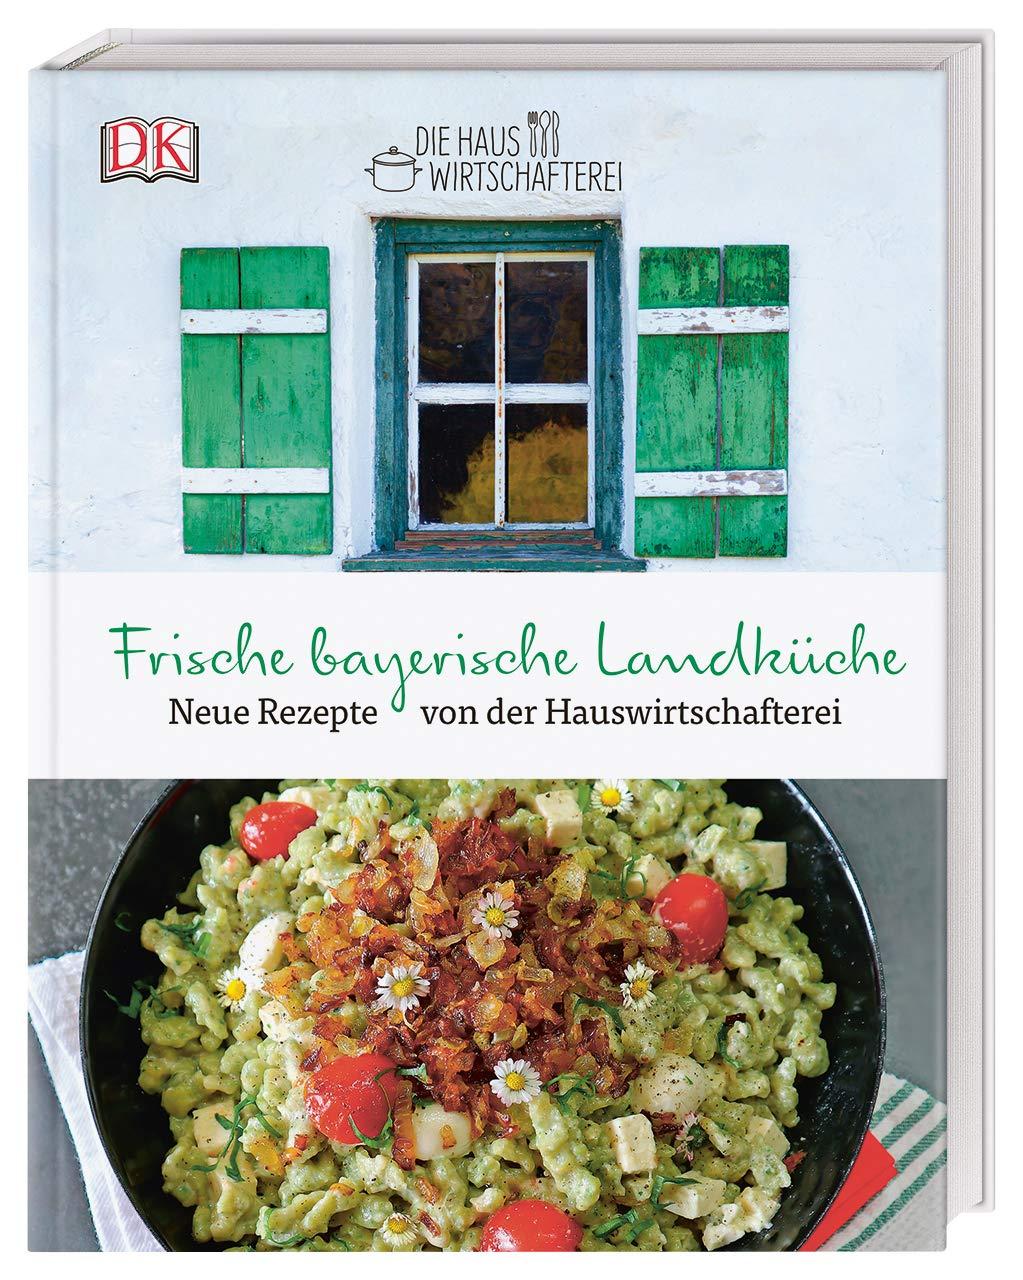 Full Size of Schuhbeck Meine Neue Bayerische Landküche Rezepte Landküche Daun Facebook Bergische Landküche Höffner Die Landküche Küche Landküche